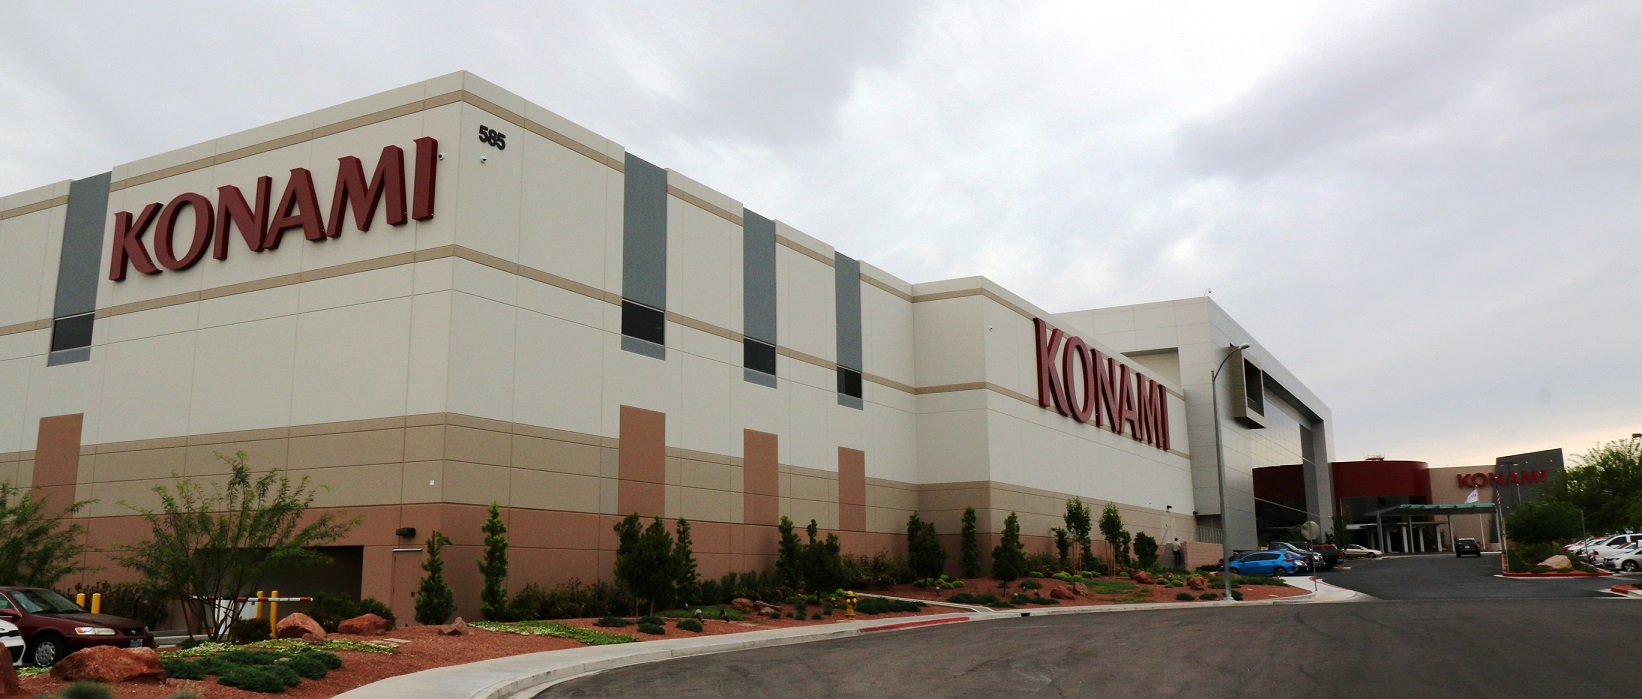 Les bâtiments de Konami à Vegas